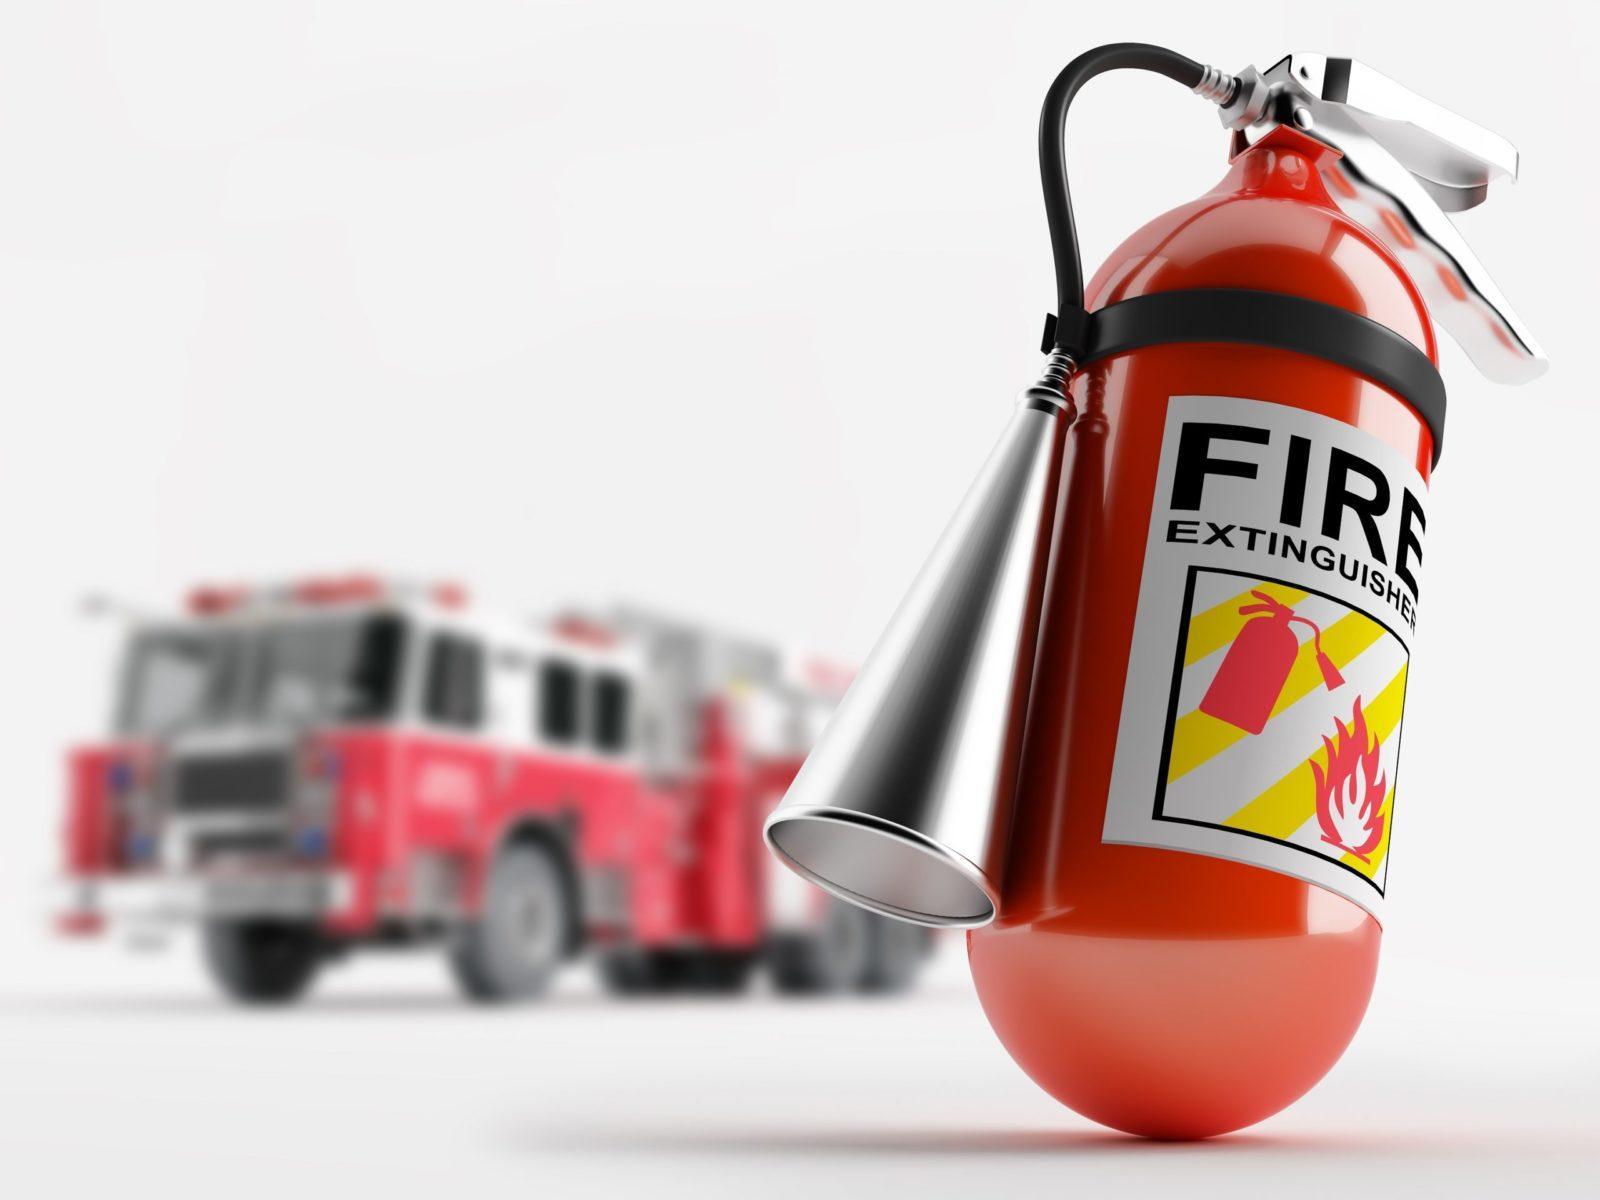 Проверка противопожарного состояния объекта: почему у малого и среднего бизнеса осложнилась жизнь?